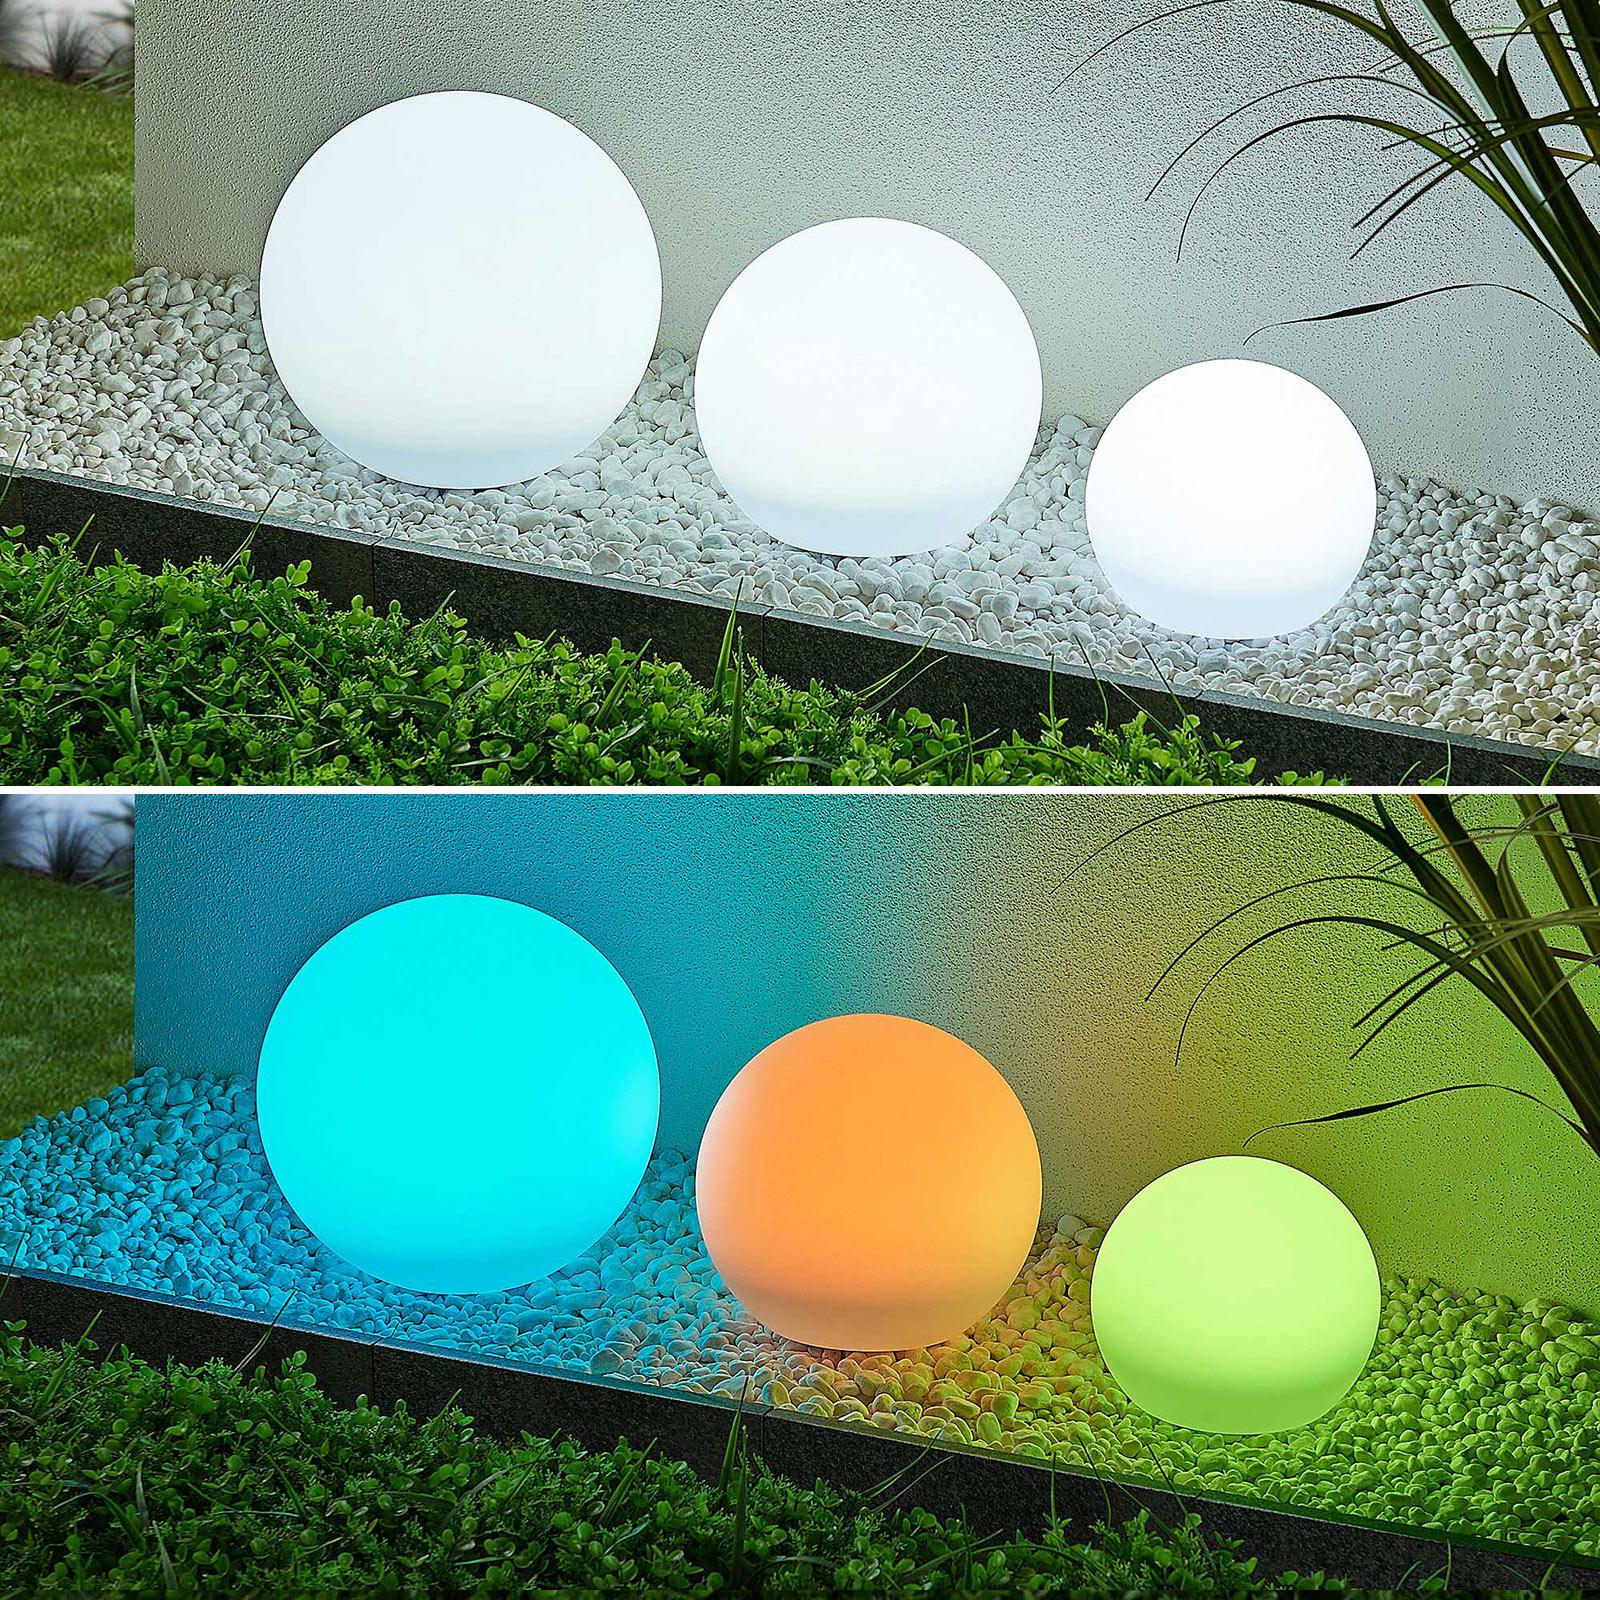 Lindby Lago LED-solcellelampe RGBW, 3er sett kuler